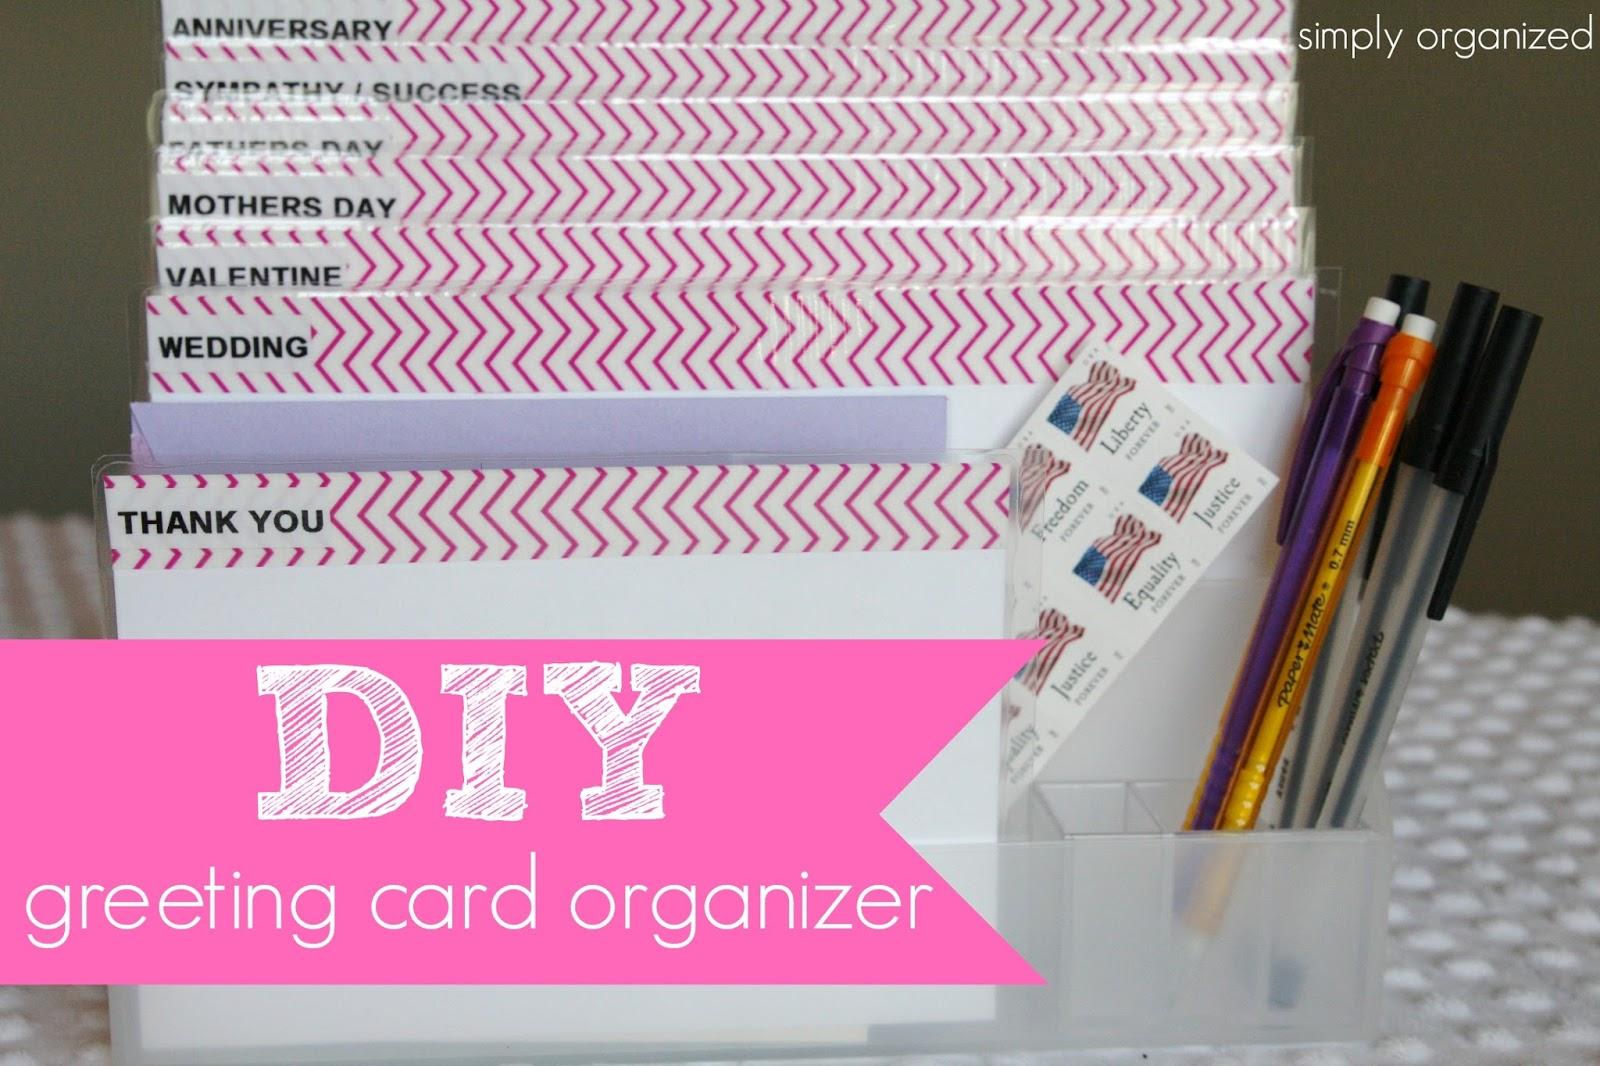 DIY: greeting card organizer - simply organized